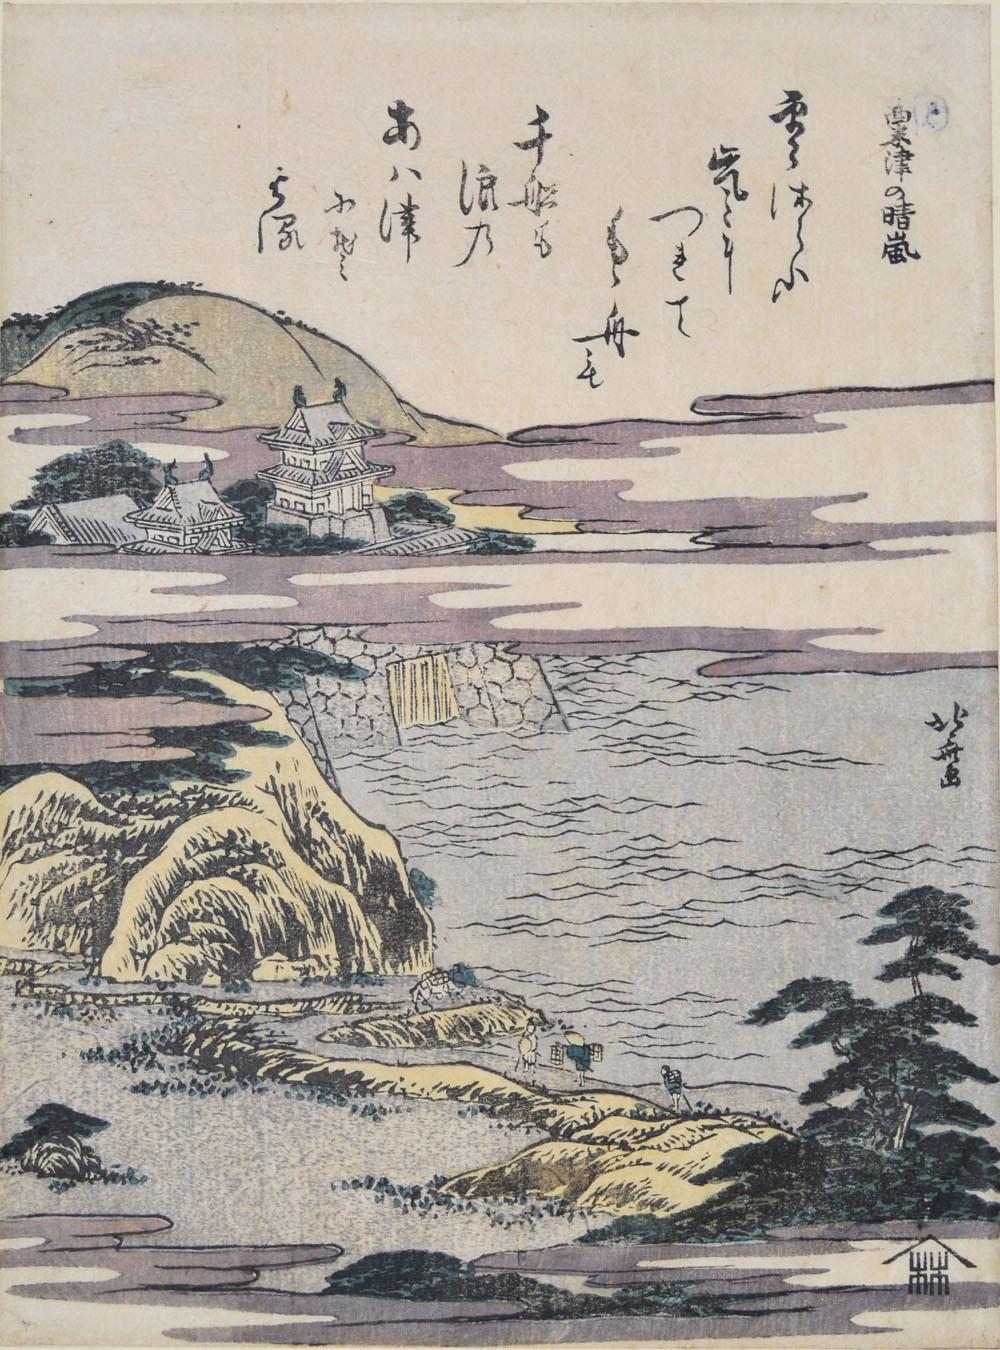 8 Views of Omi - Awazu